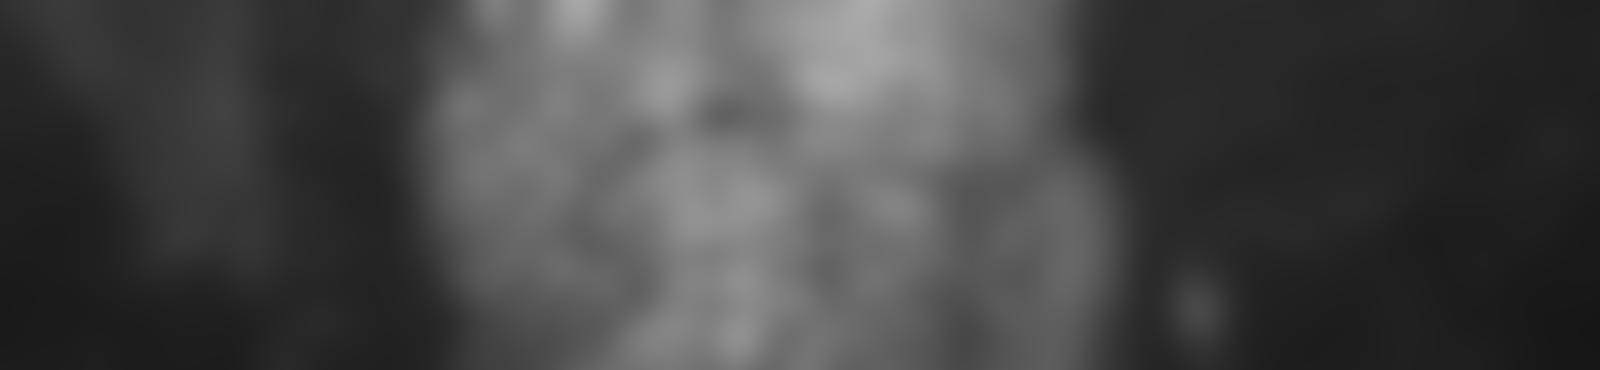 Blurred ad8e2673 ab02 4cef 88fc d2dc5967b8c5